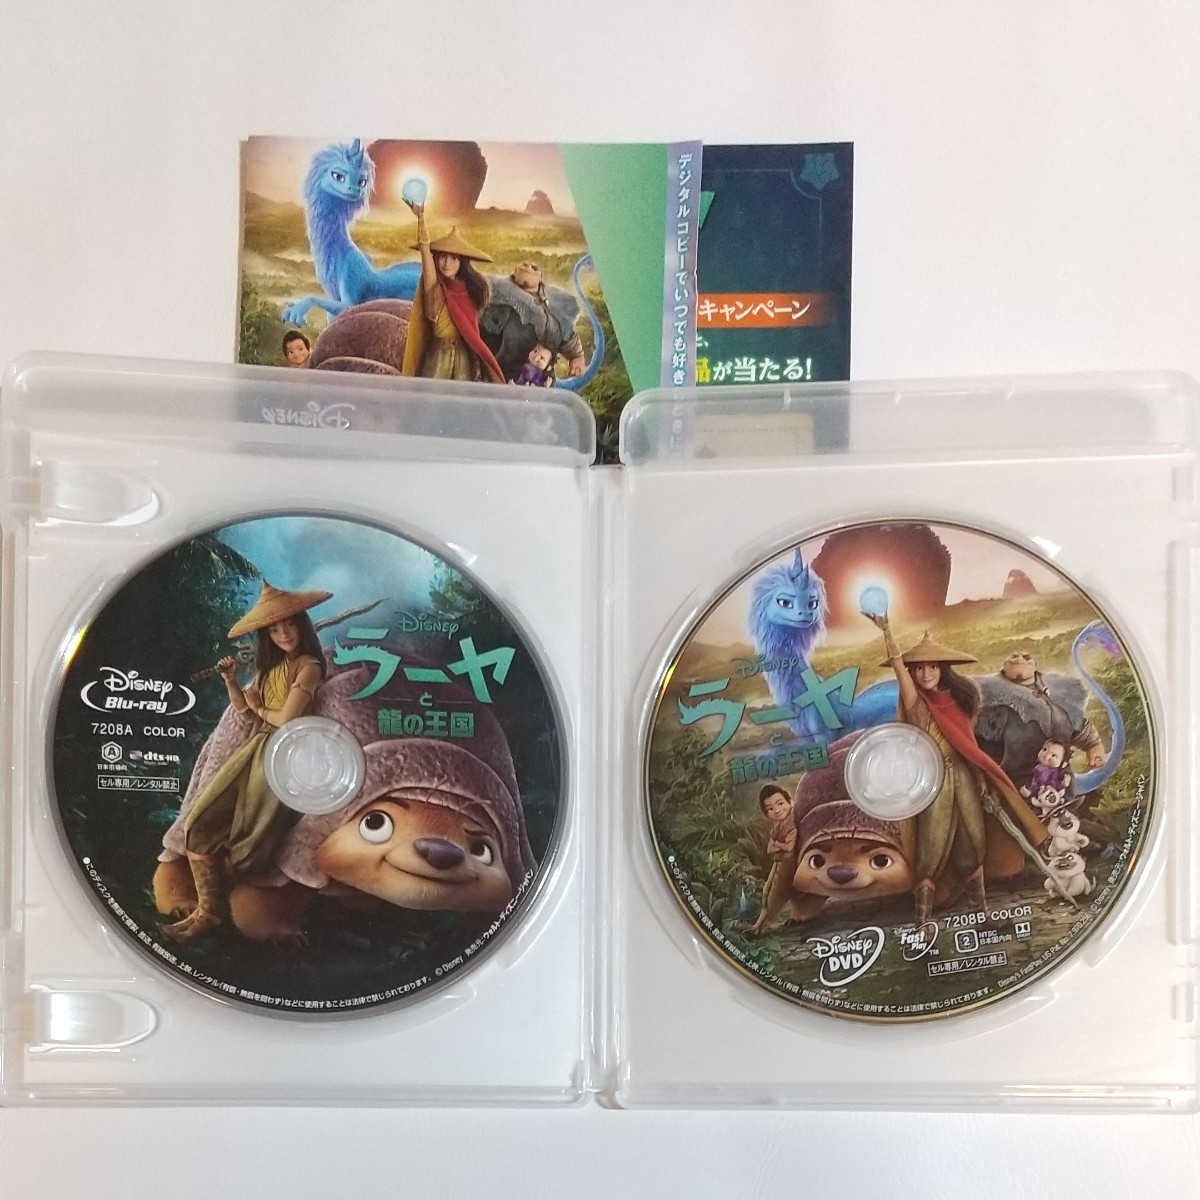 ディズニー ラーヤと龍の王国 MovieNEX (ブルーレイ+DVD+) Blu-ray